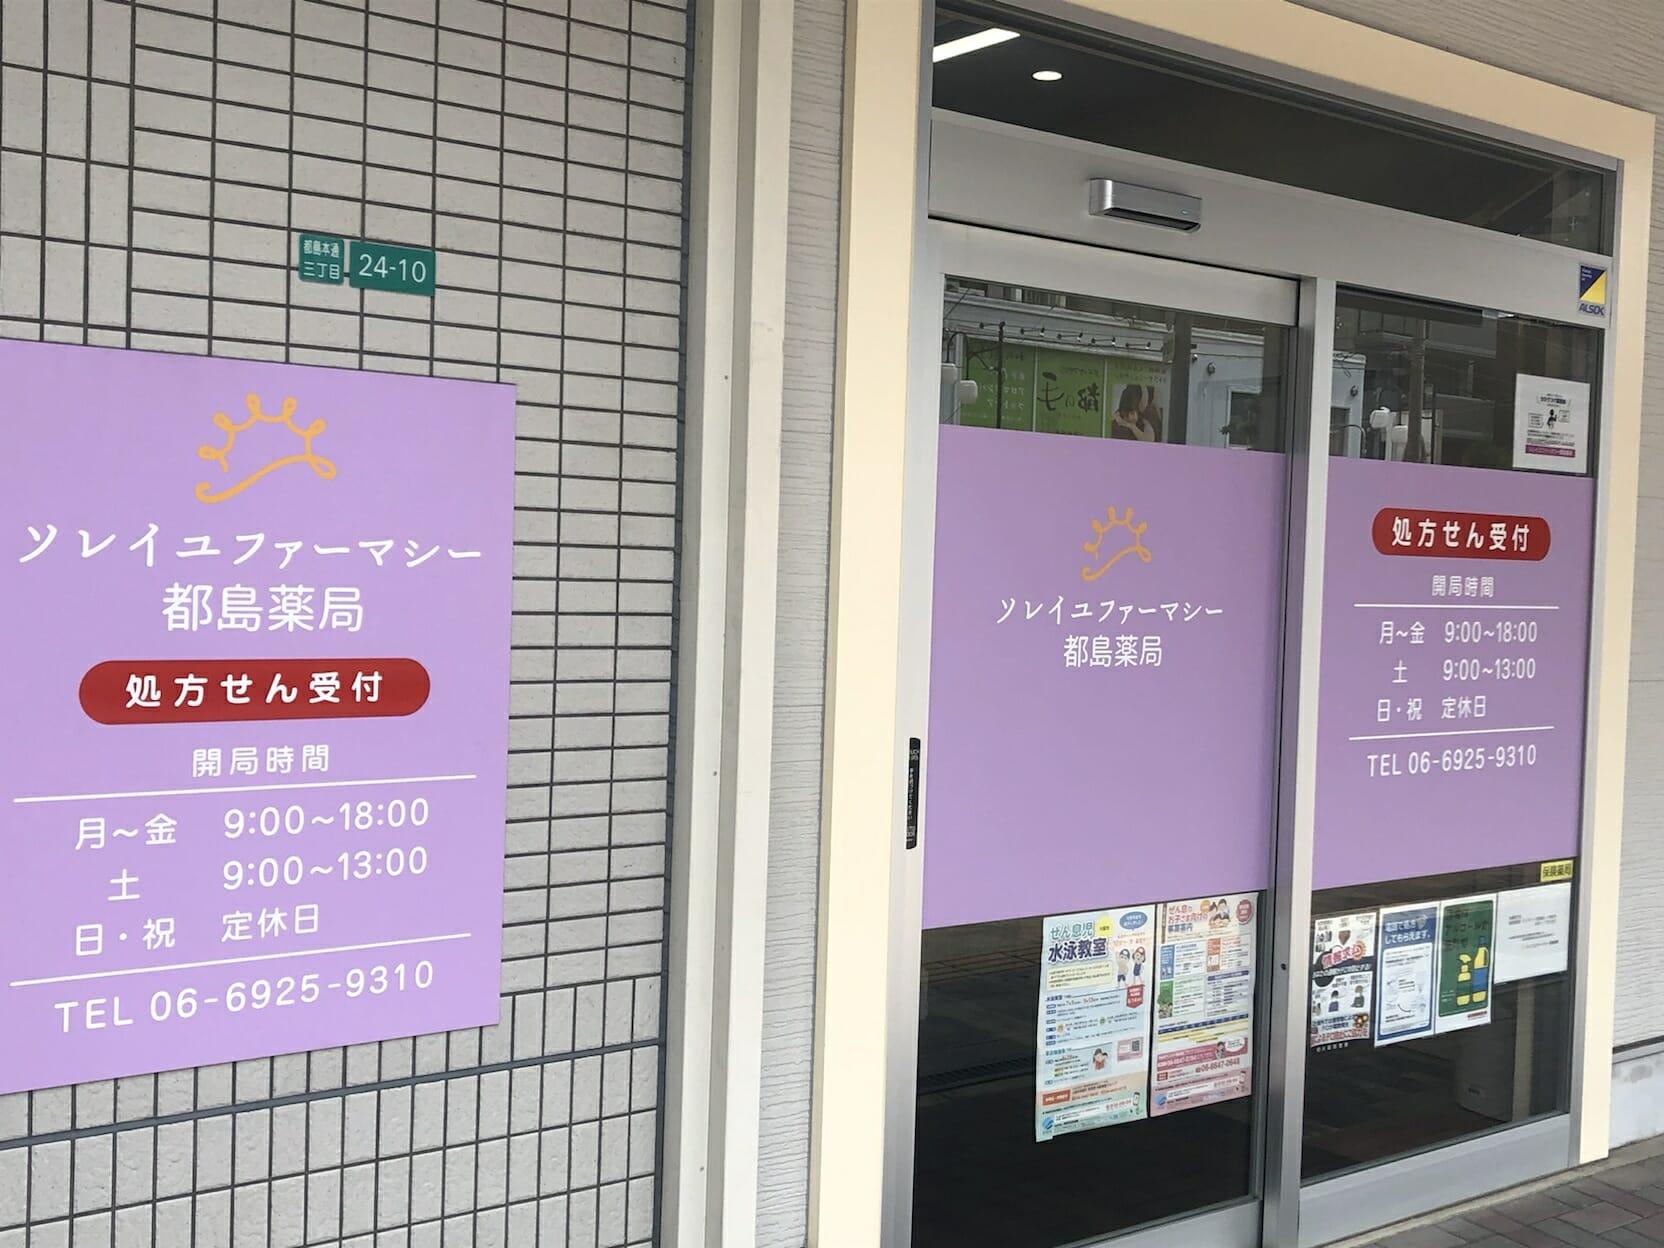 ソレイユファーマシー都島薬局の商品写真